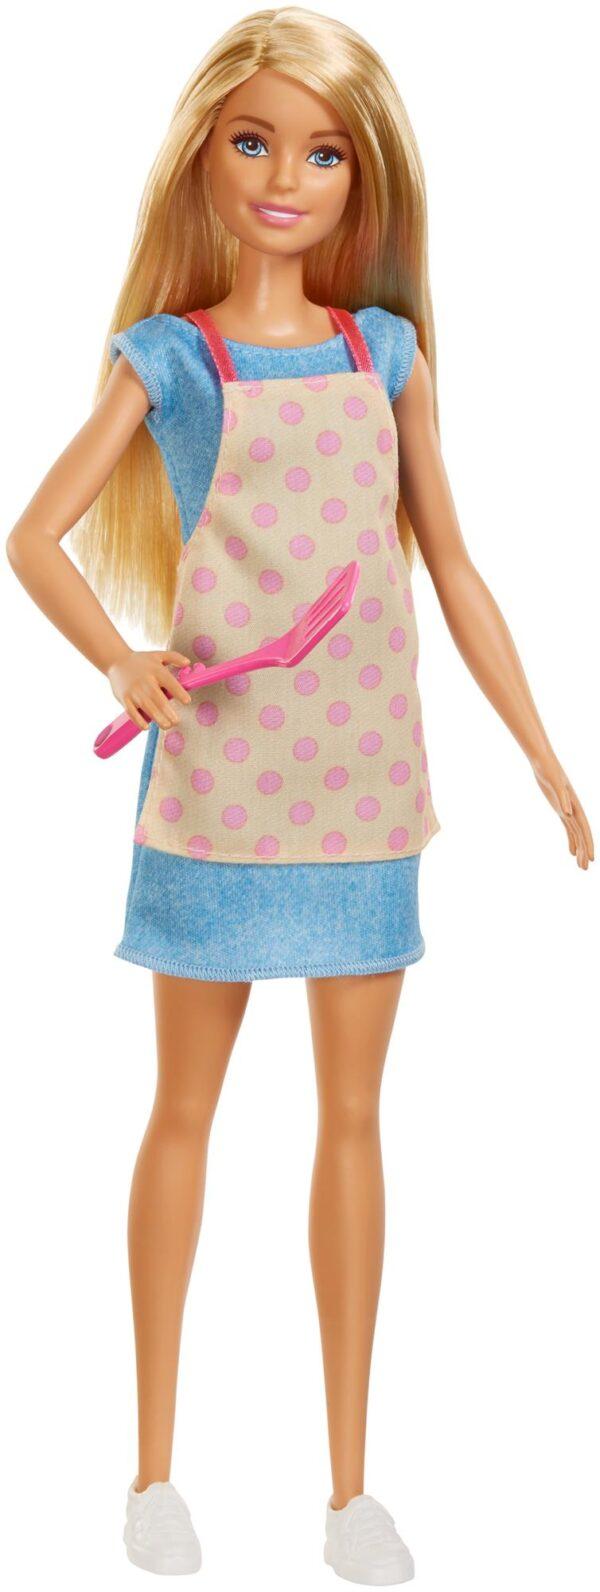 ALTRI Barbie Femmina 12+ Anni, 8-12 Anni Barbie - Cucina Da Sogno - Barbie - Toys Center